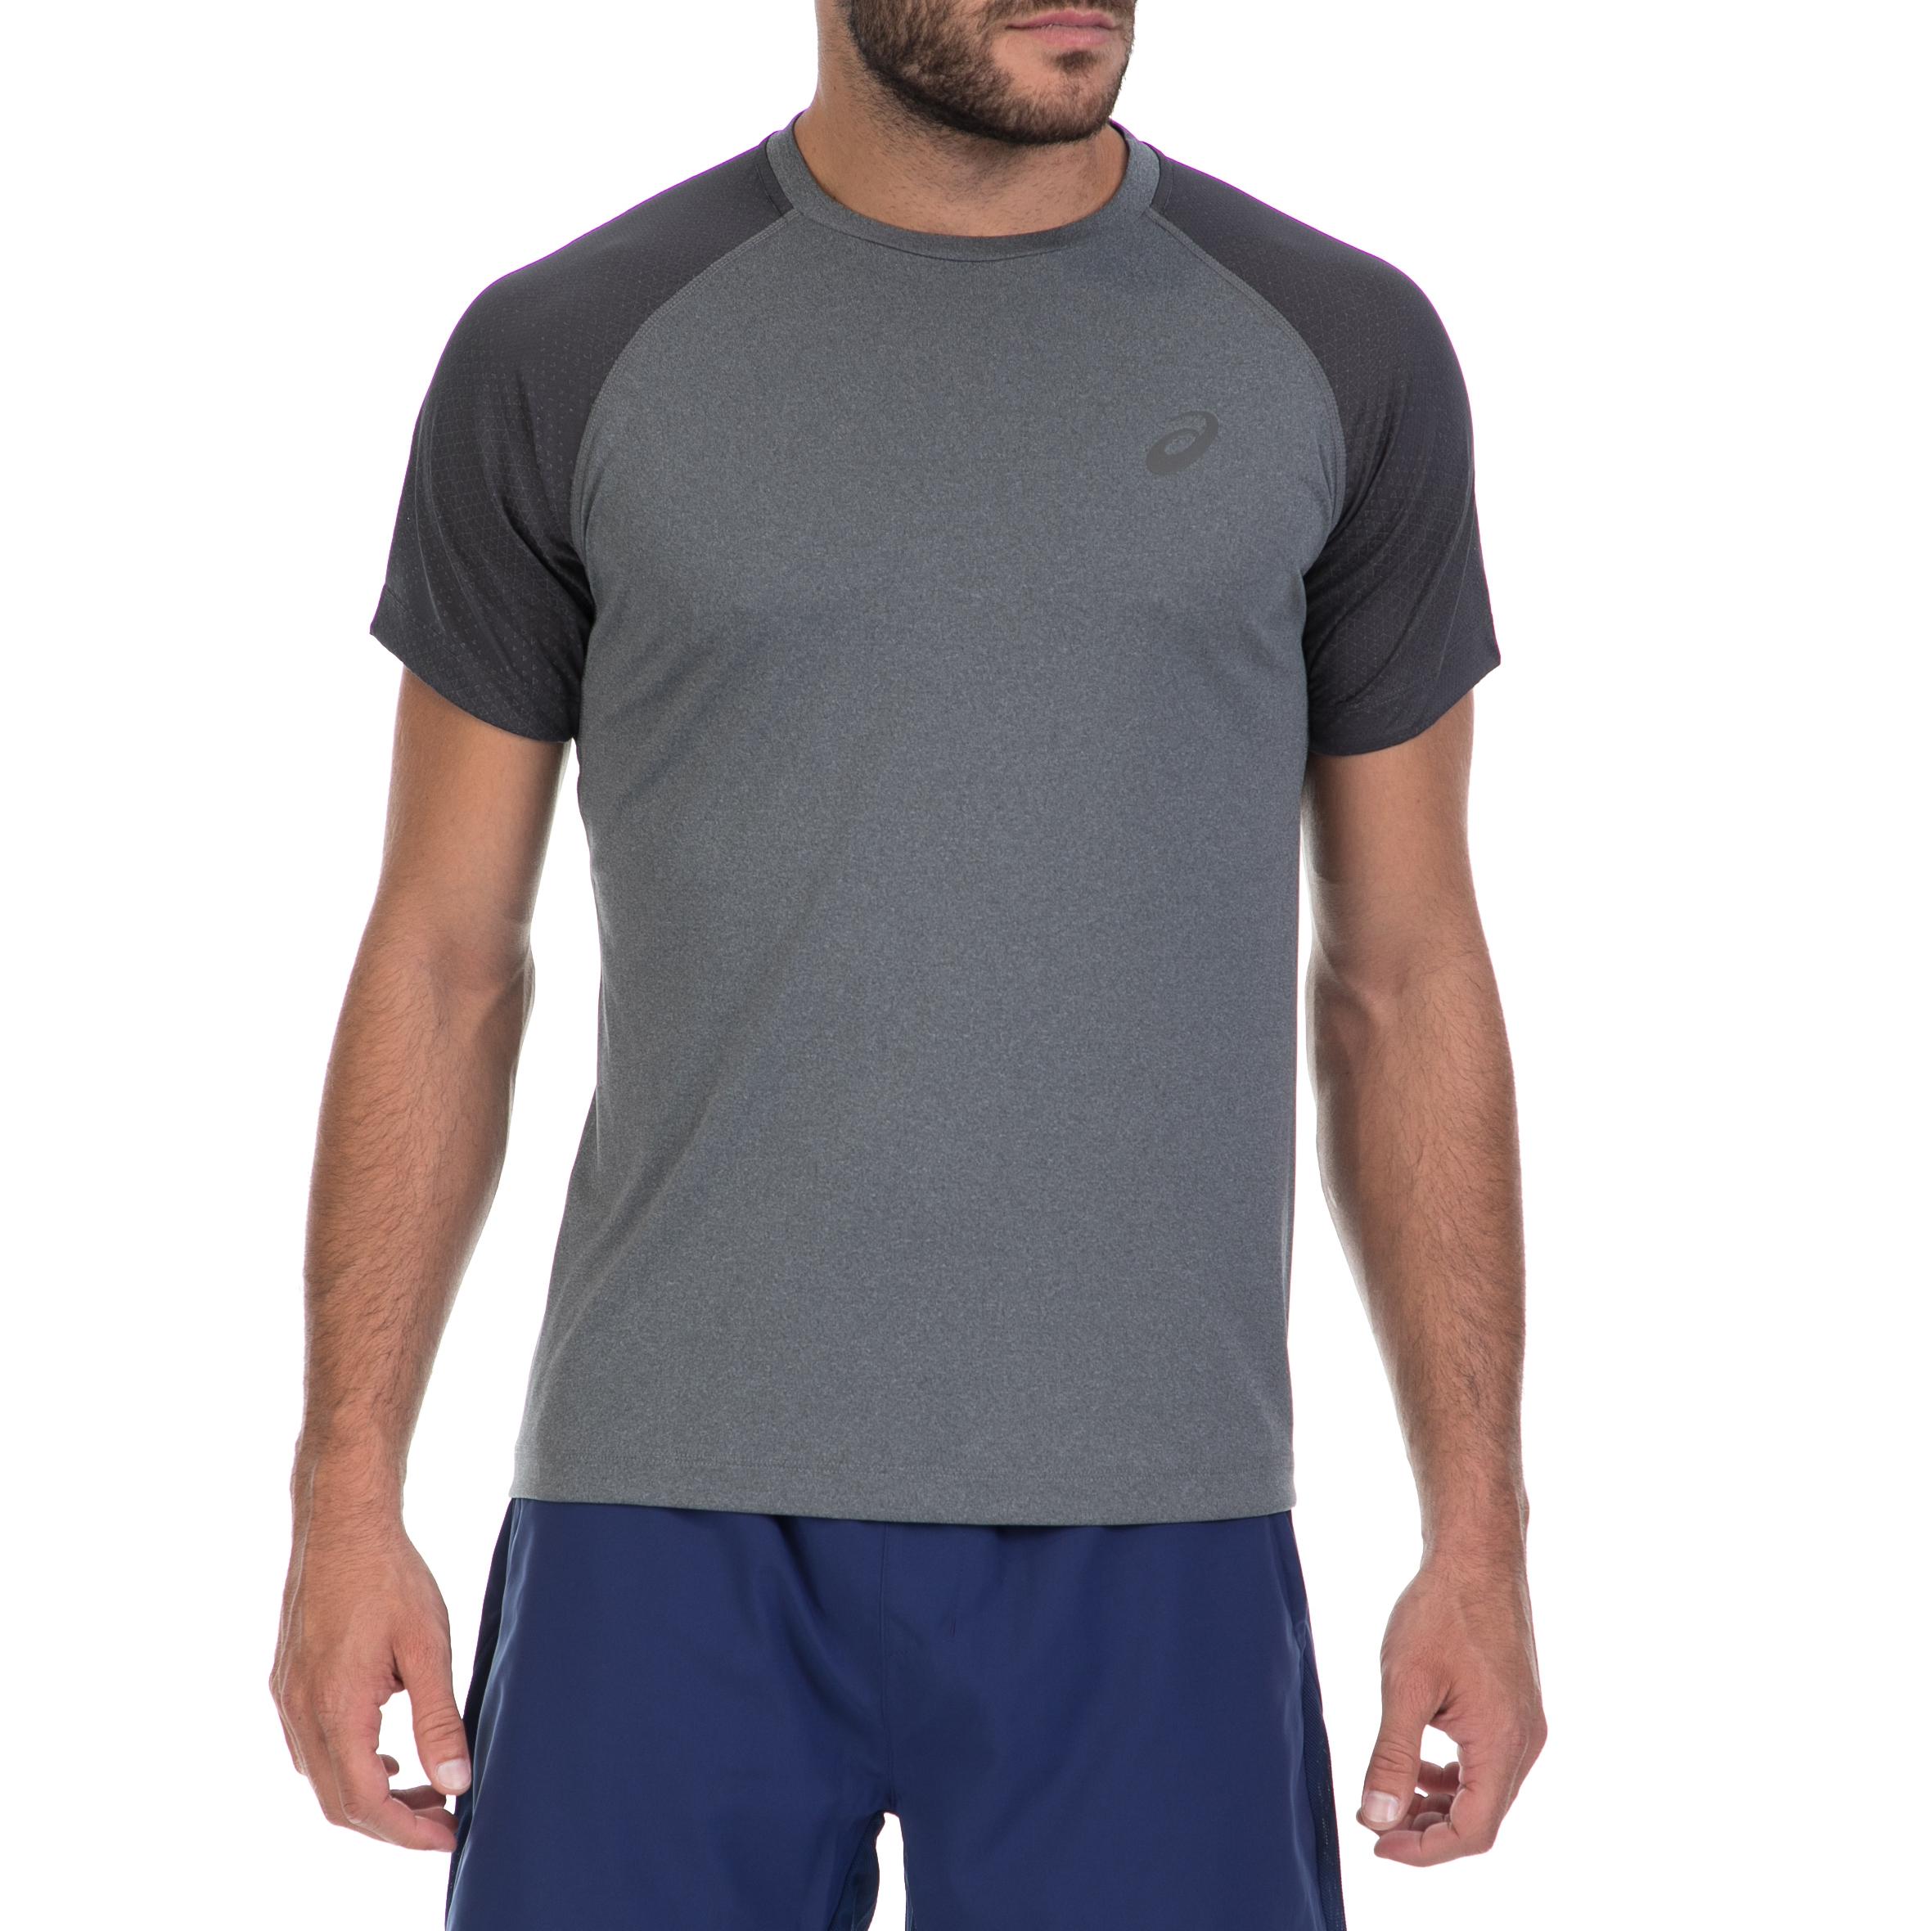 ASICS (FO) - Αντρική μπλούζα ASICS γκρι ανδρικά ρούχα αθλητικά t shirt